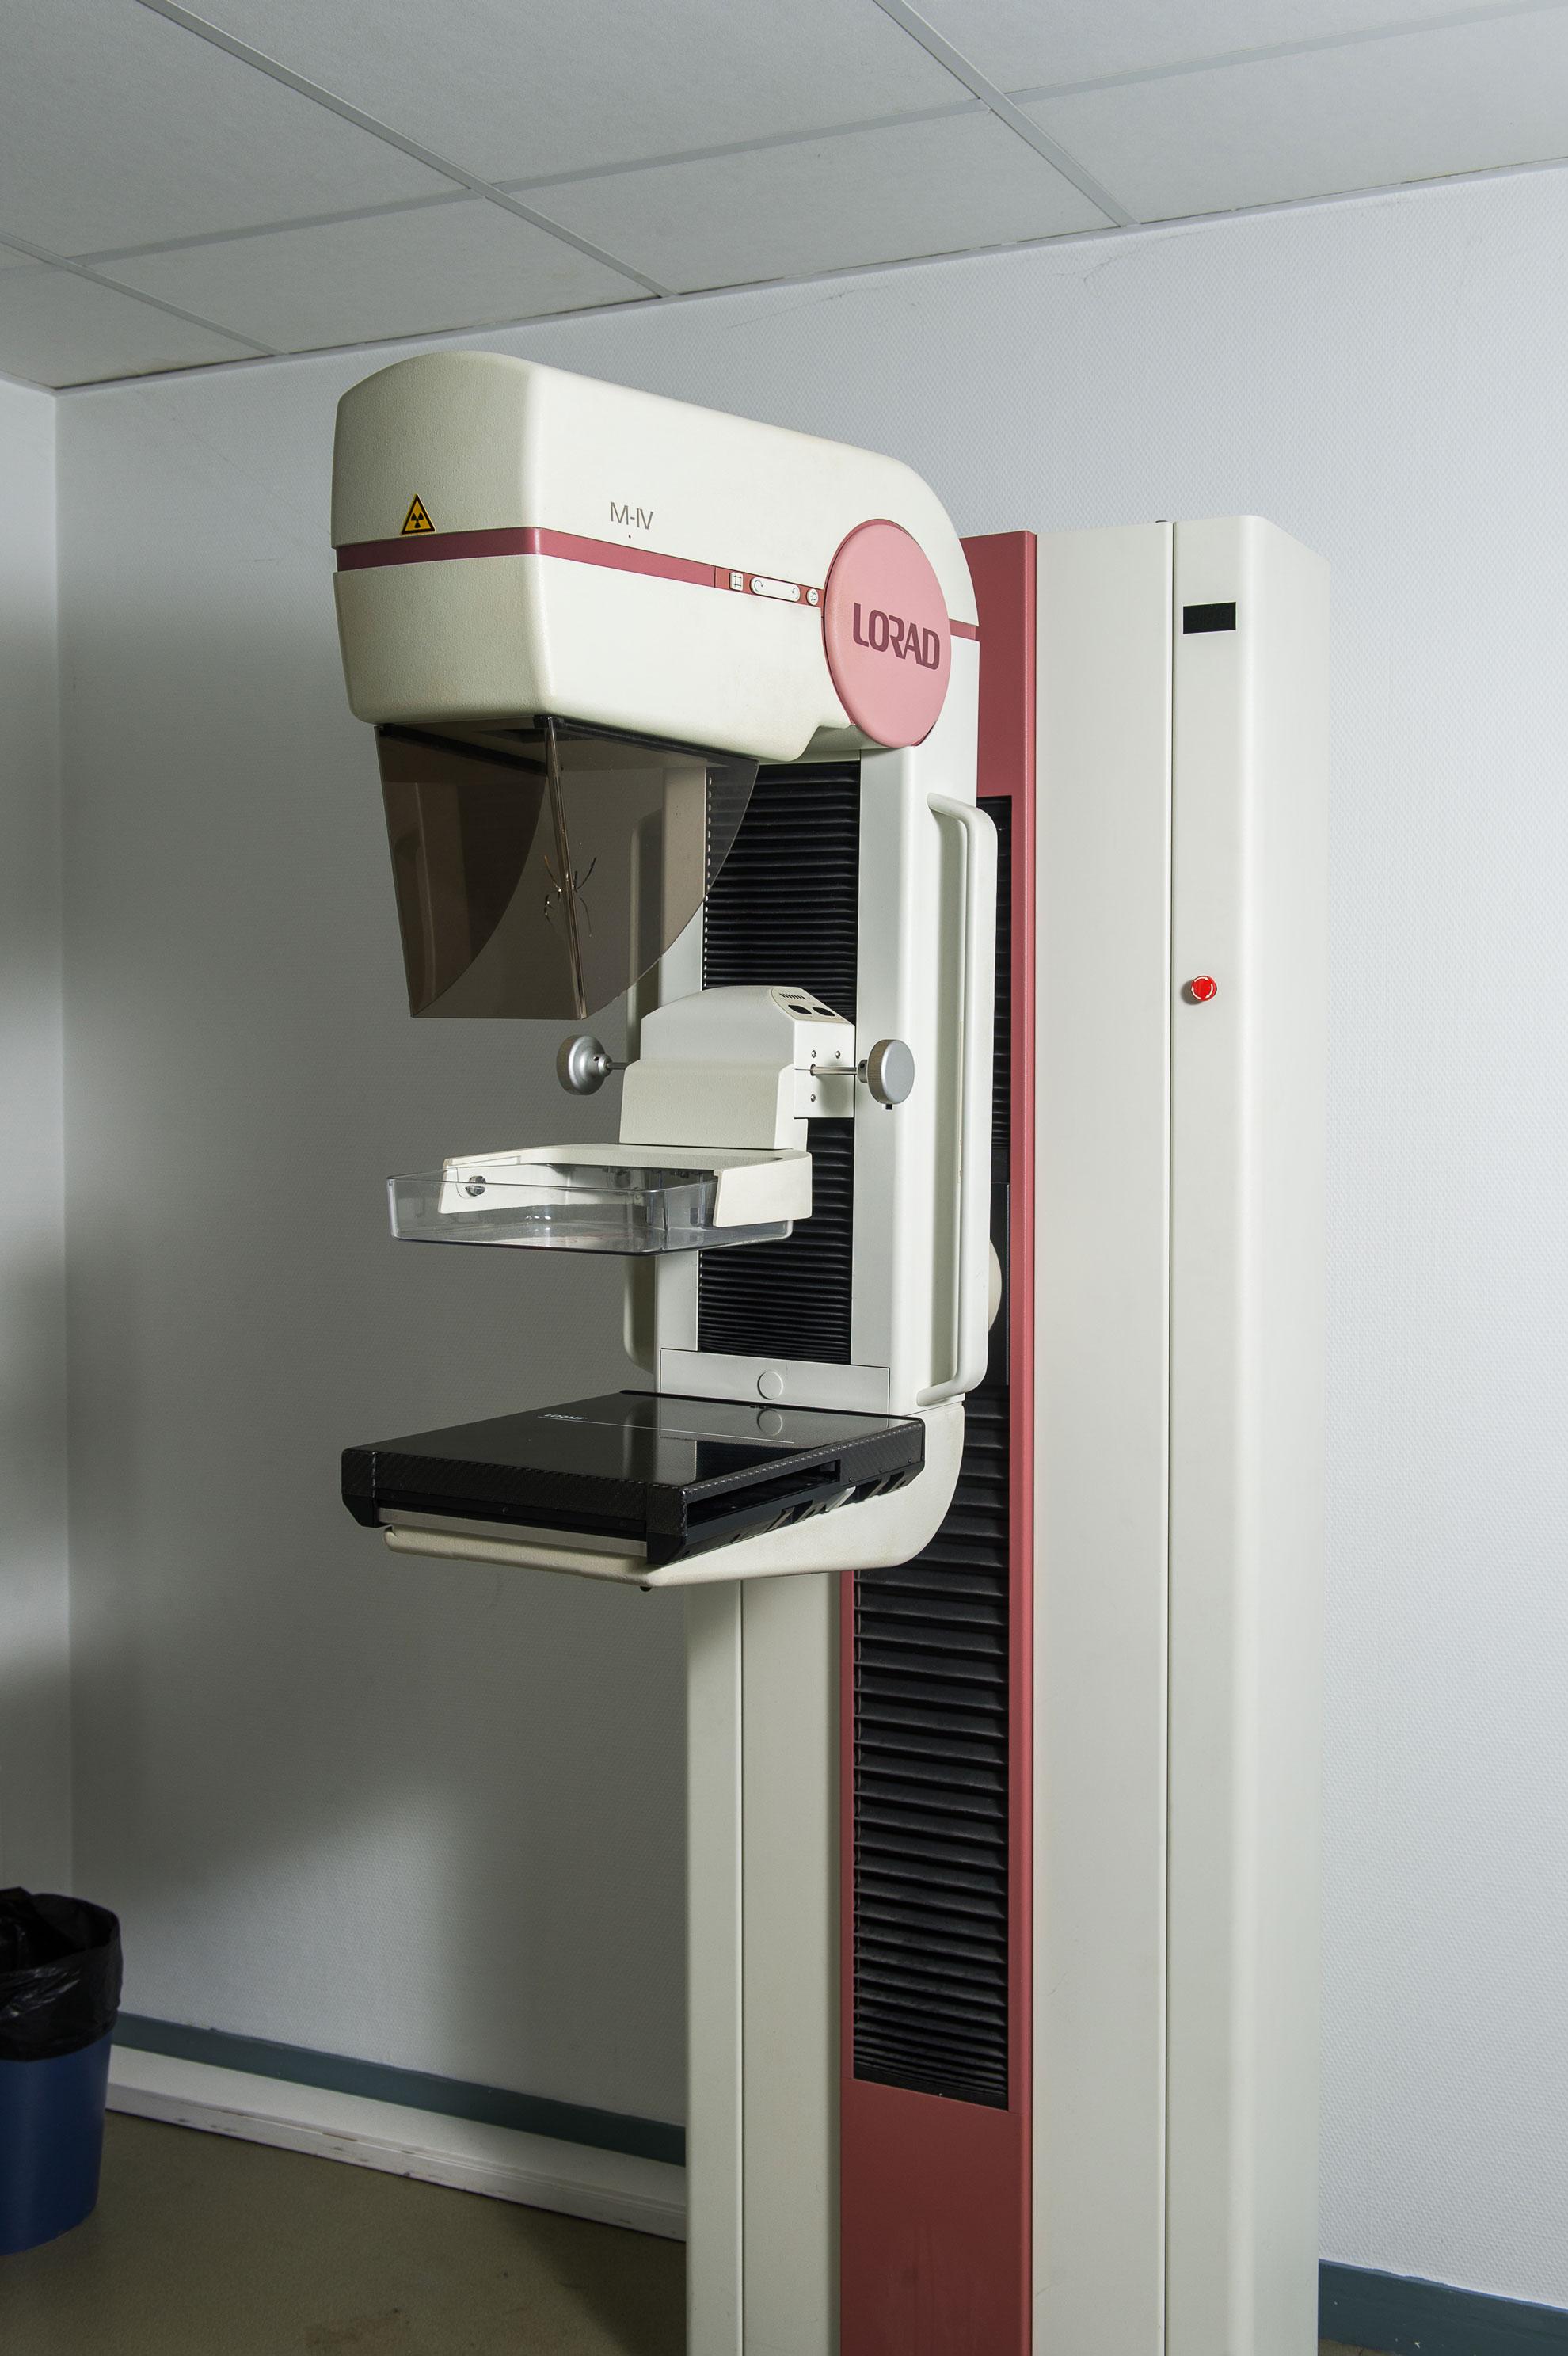 Imagerie m dicale en bretagne radiologie dupont des loges - Cabinet radiologie lannion ...